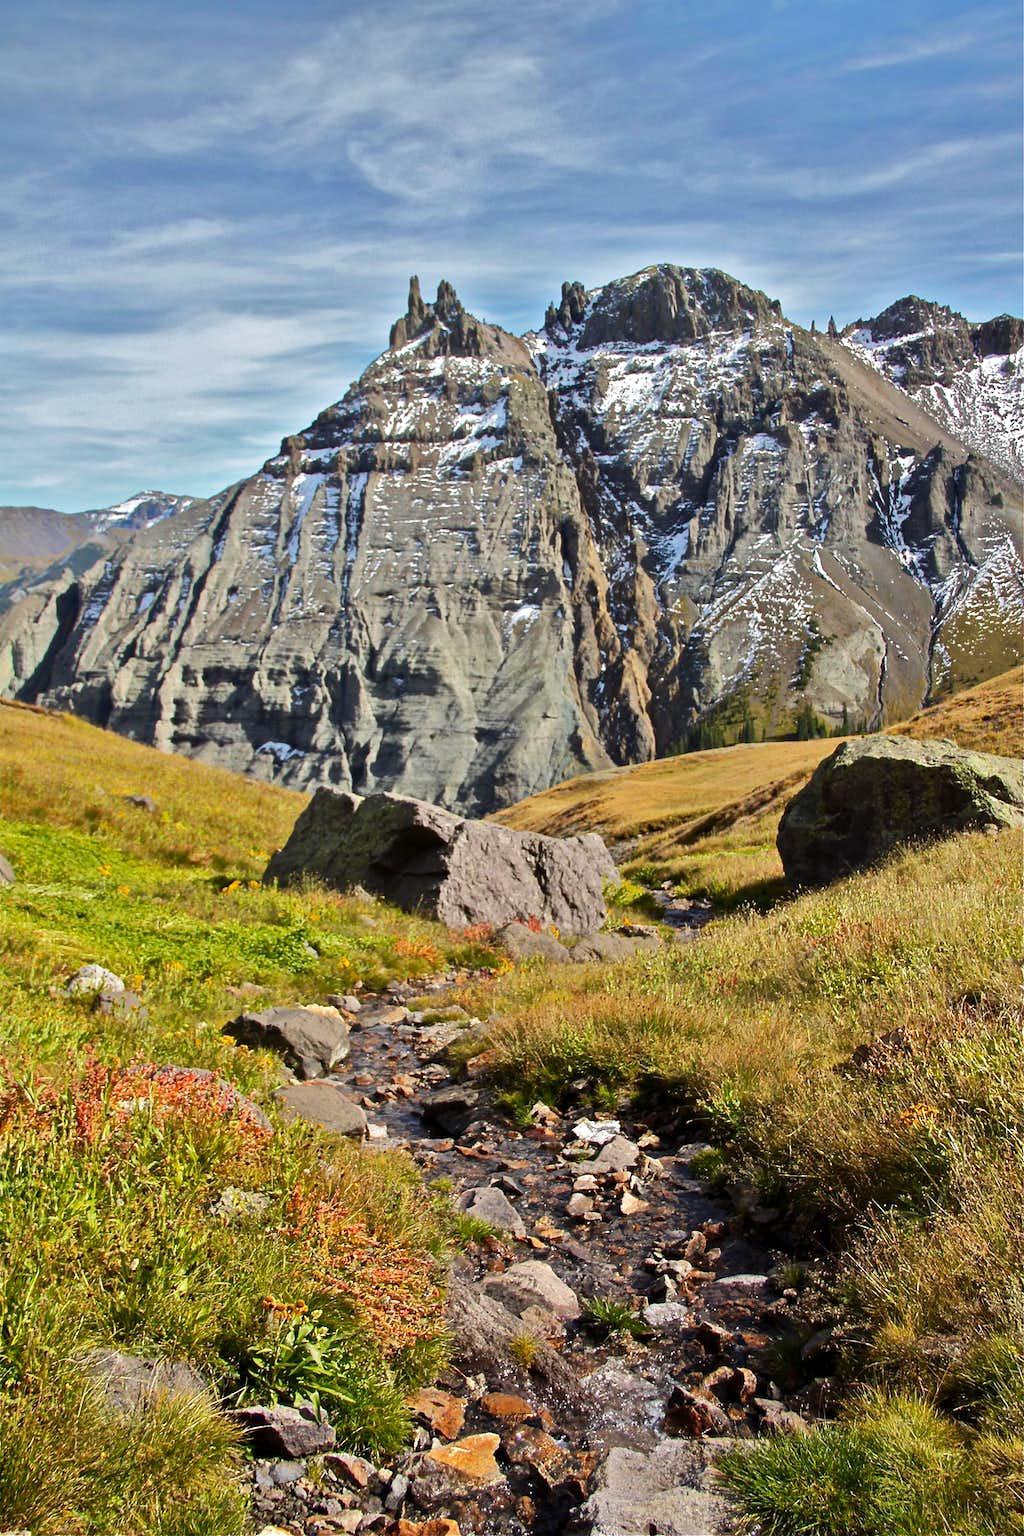 Eastern flanks of Potosi Peak